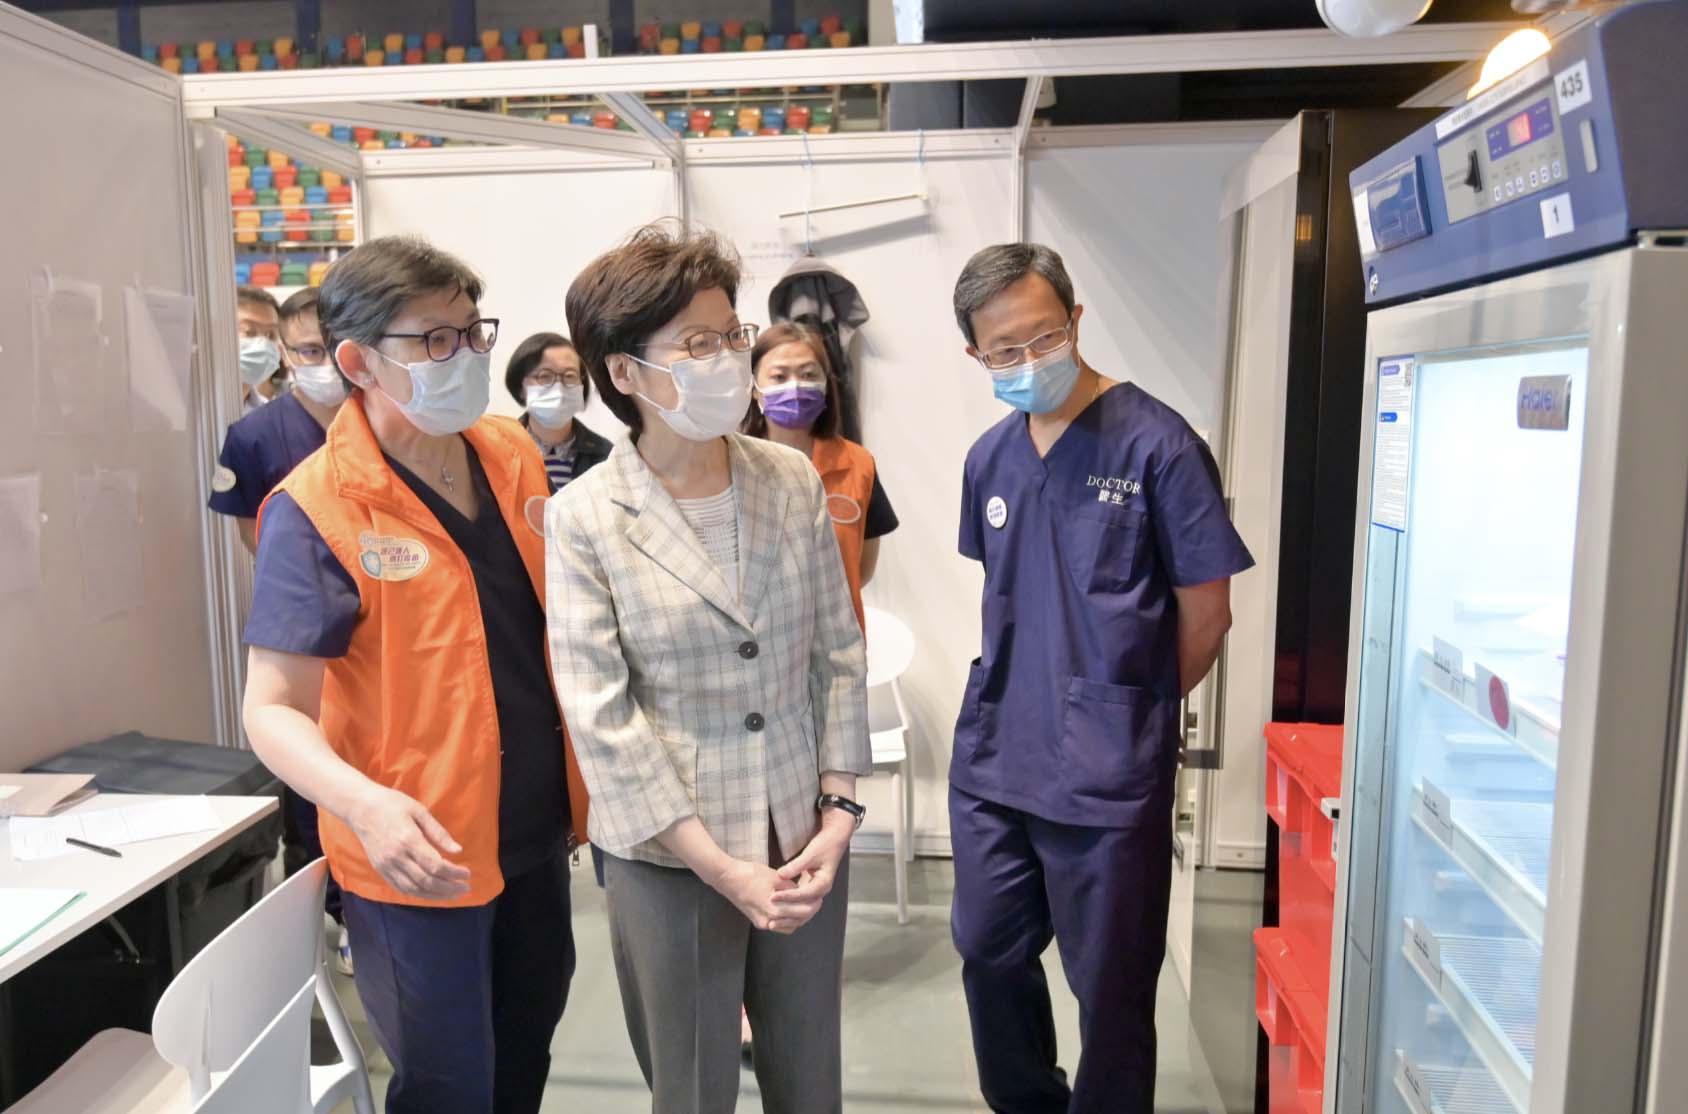 香港疫苗供应充足 林郑月娥呼吁市民尽快预约接种